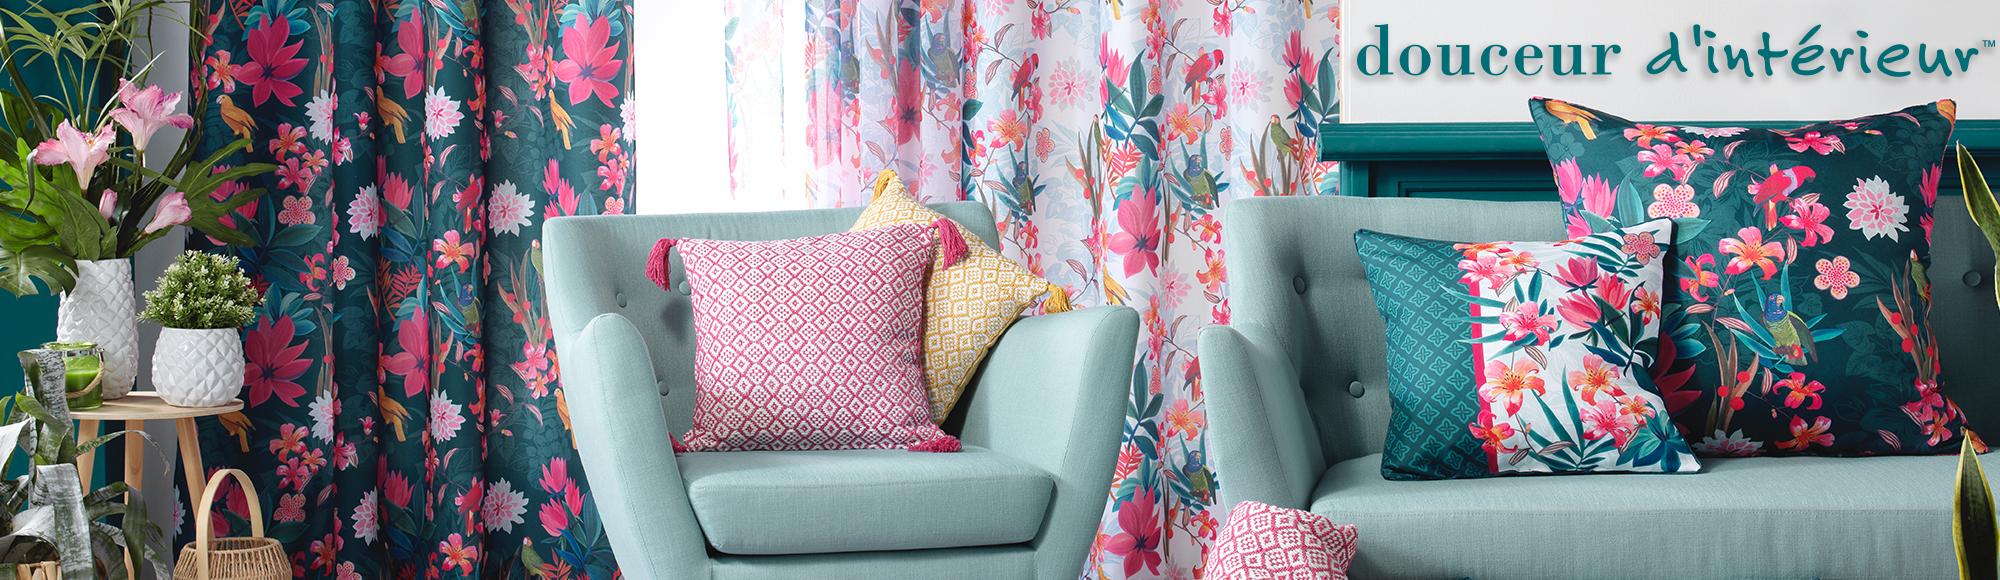 U10 - Fournisseur en décoration d'intérieur - marque douceur d'intérieur - ameublement - theme exotic paradise